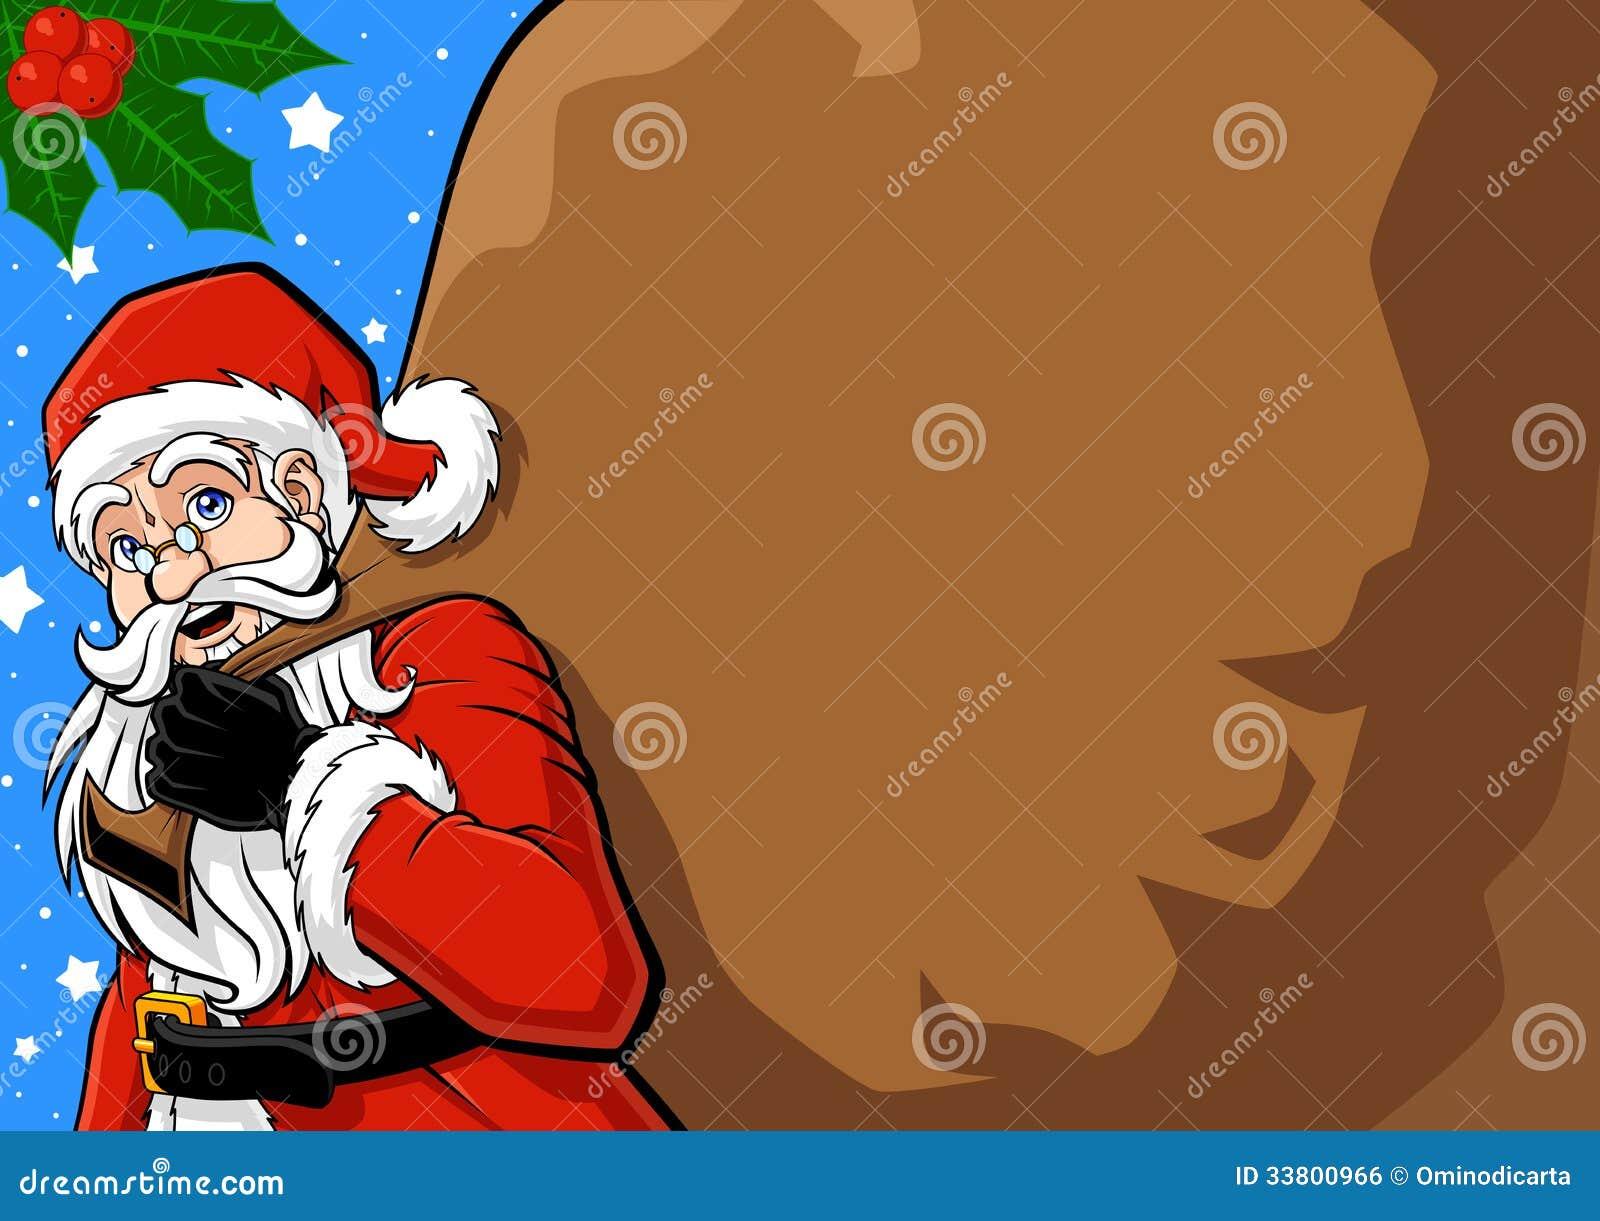 Santa Claus And His Sack Royalty Free Stock Image